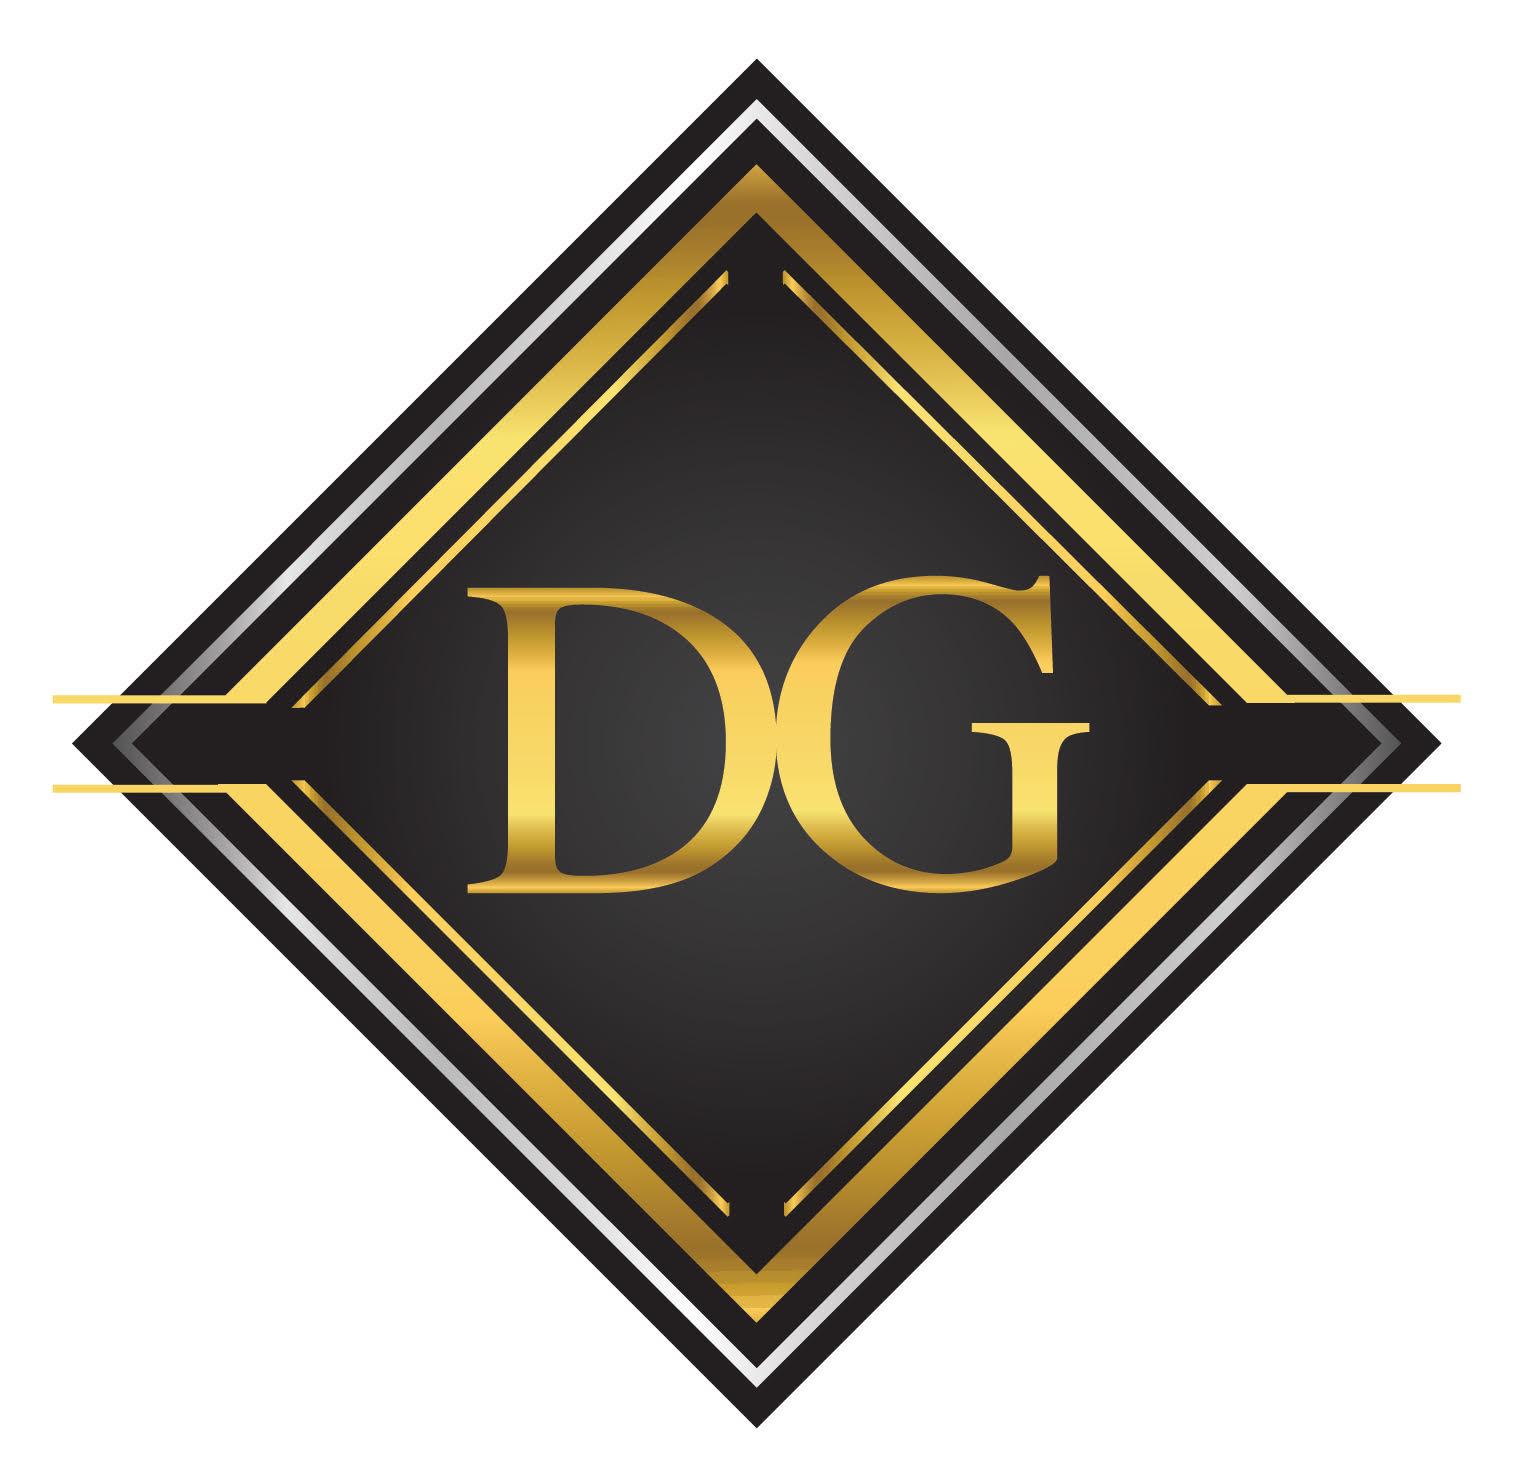 The Deighton Group logo